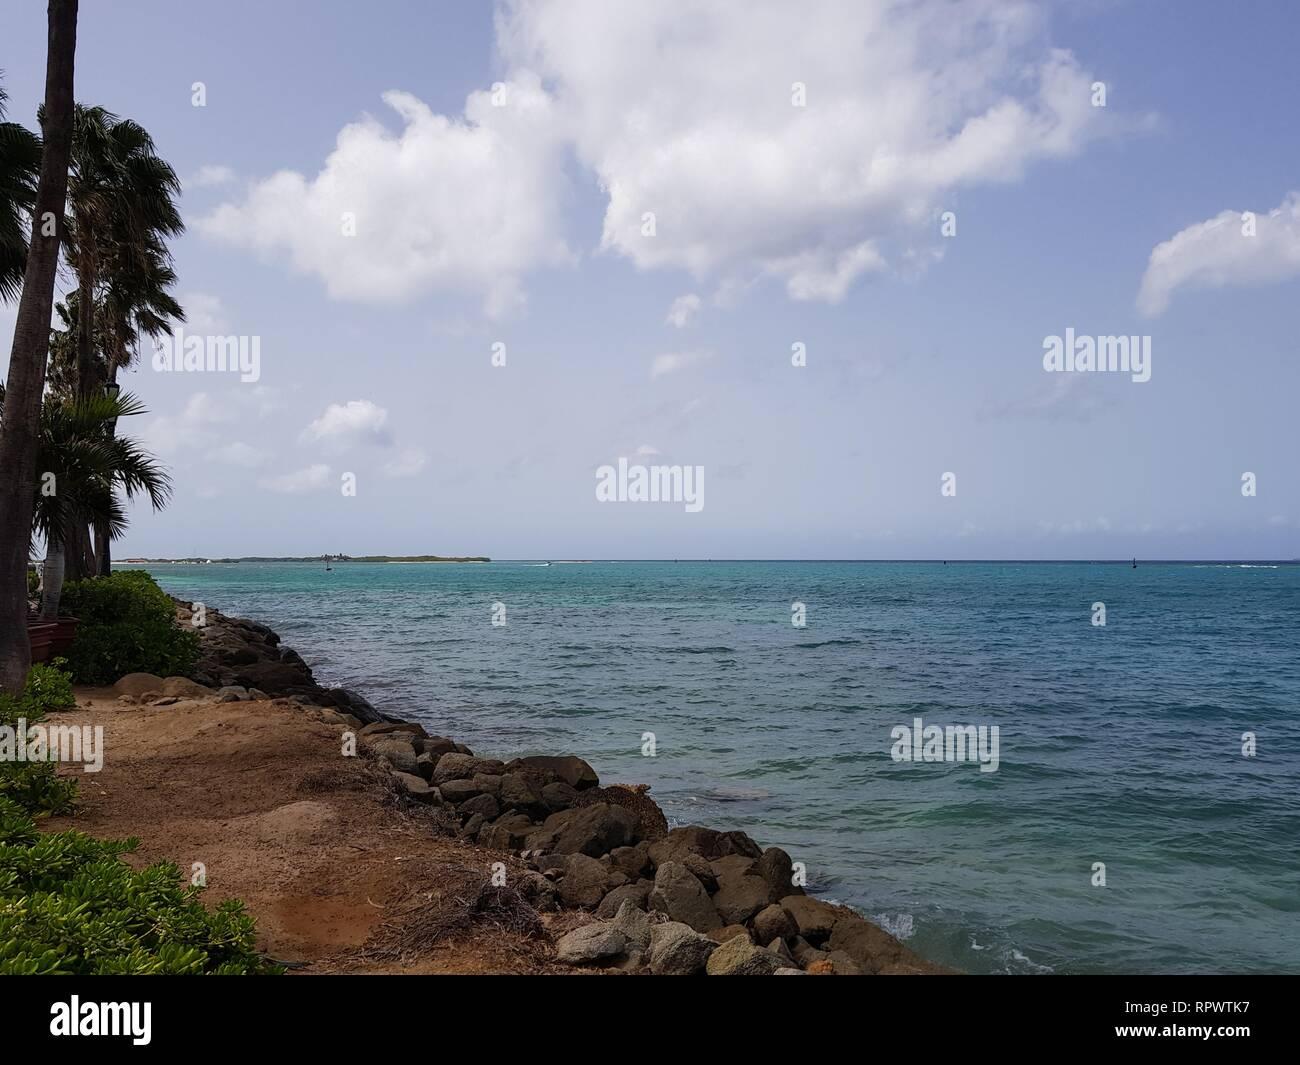 Aruba Landscape Stock Photos & Aruba Landscape Stock Images - Alamy